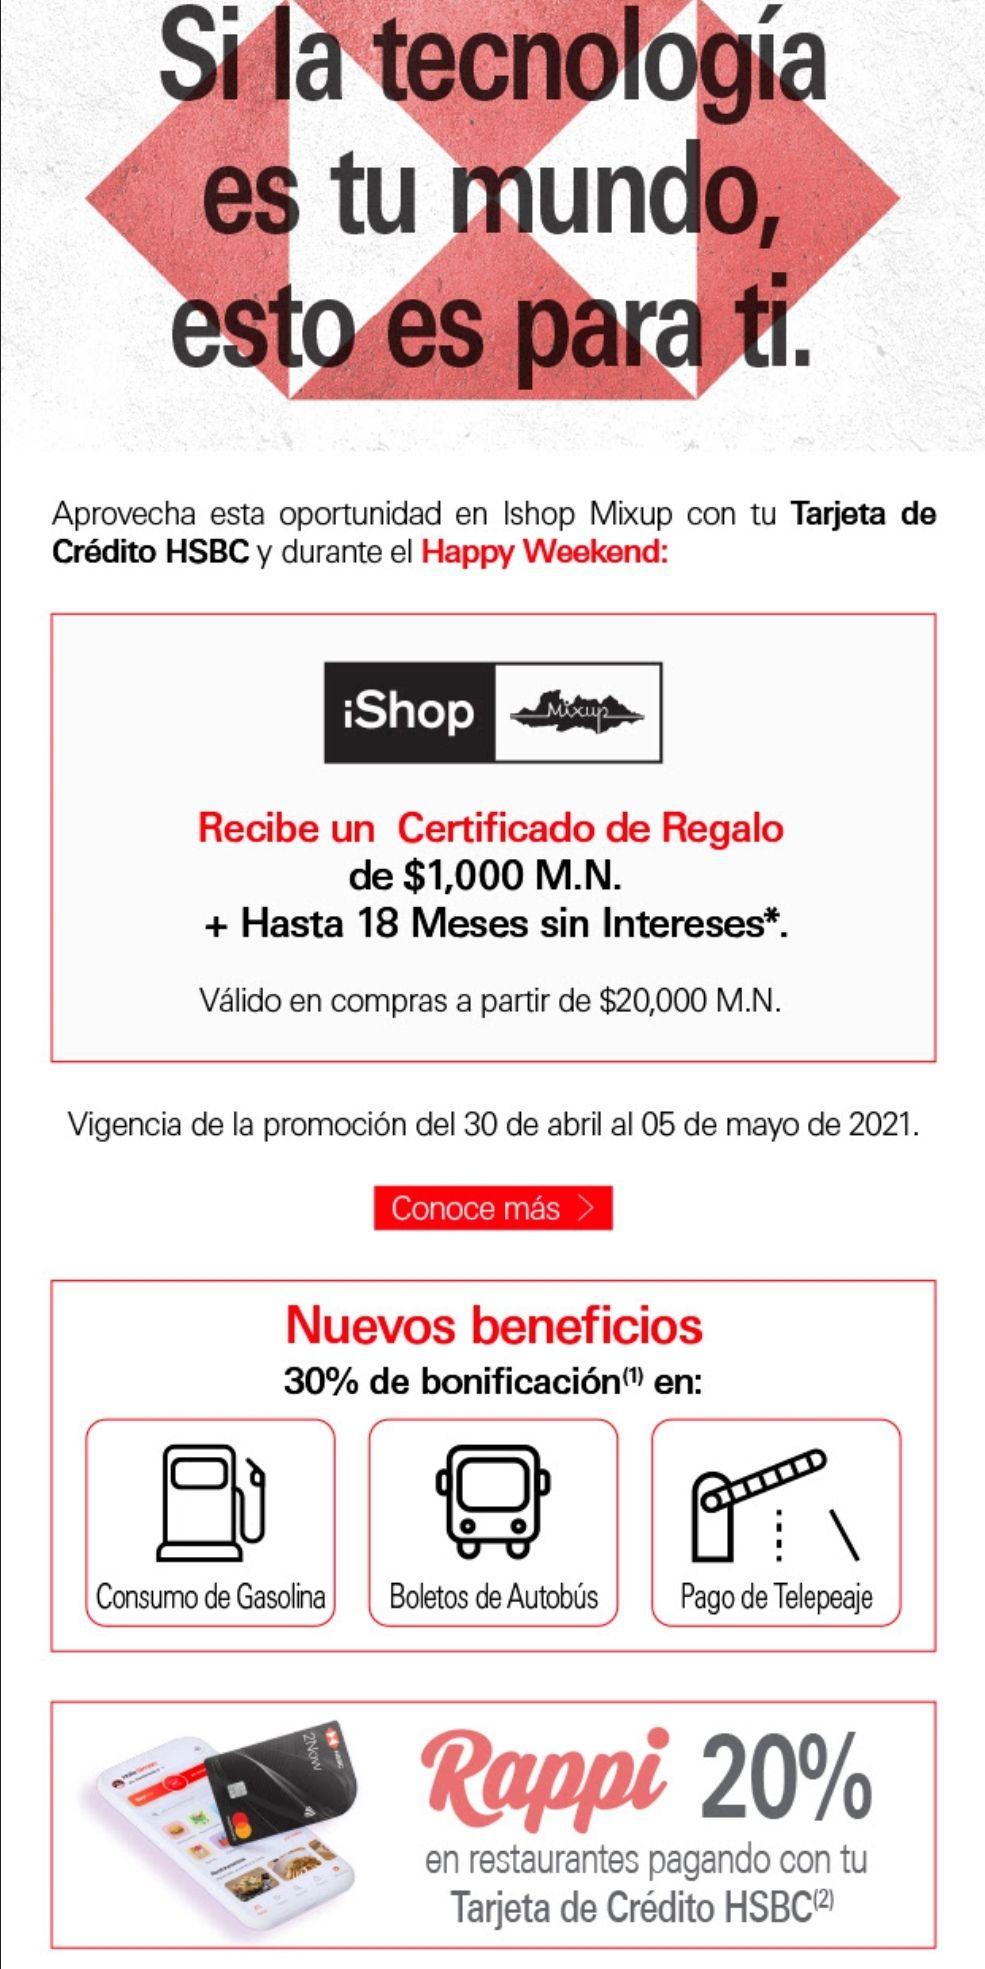 HSBC: certificado de regalo de 1000 pesos en compras realizadas en iShop